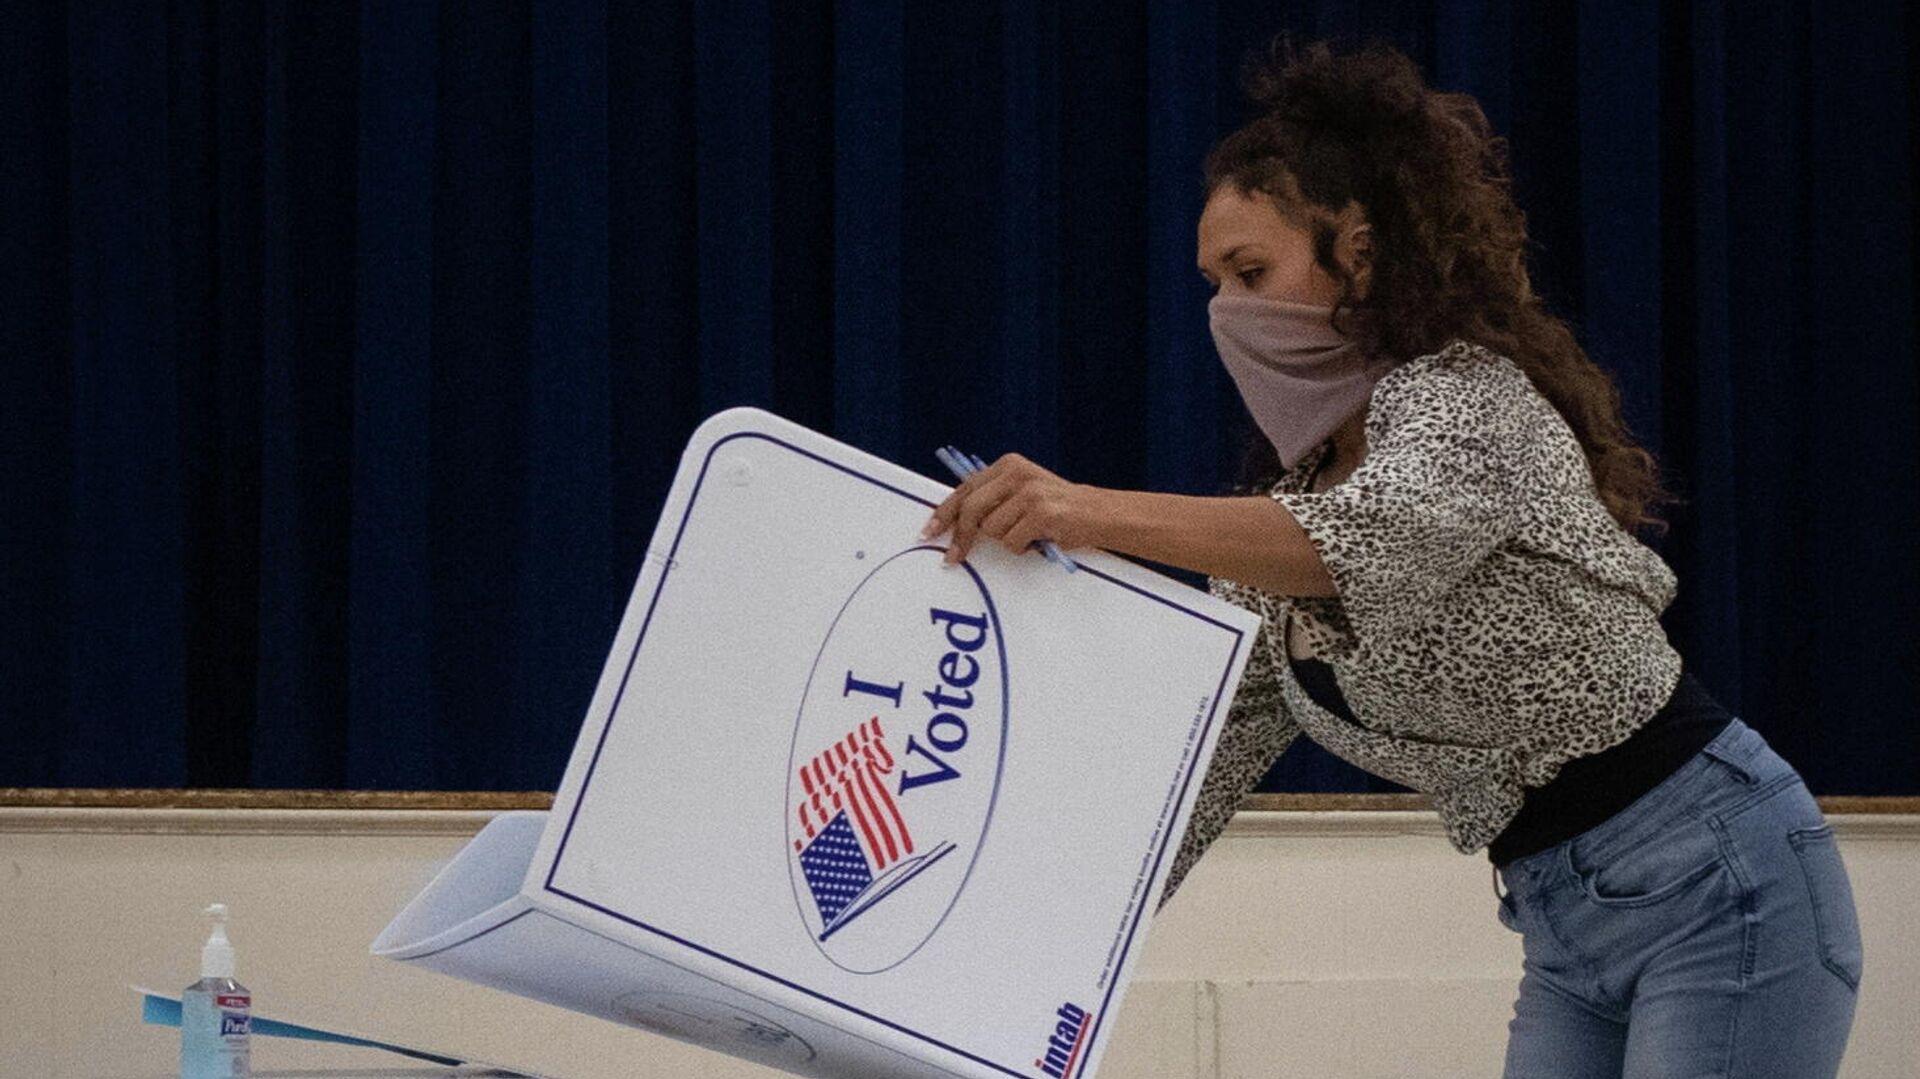 Сотрудница избирательной комиссии после окончания голосования на президентских выборах в США - РИА Новости, 1920, 04.11.2020